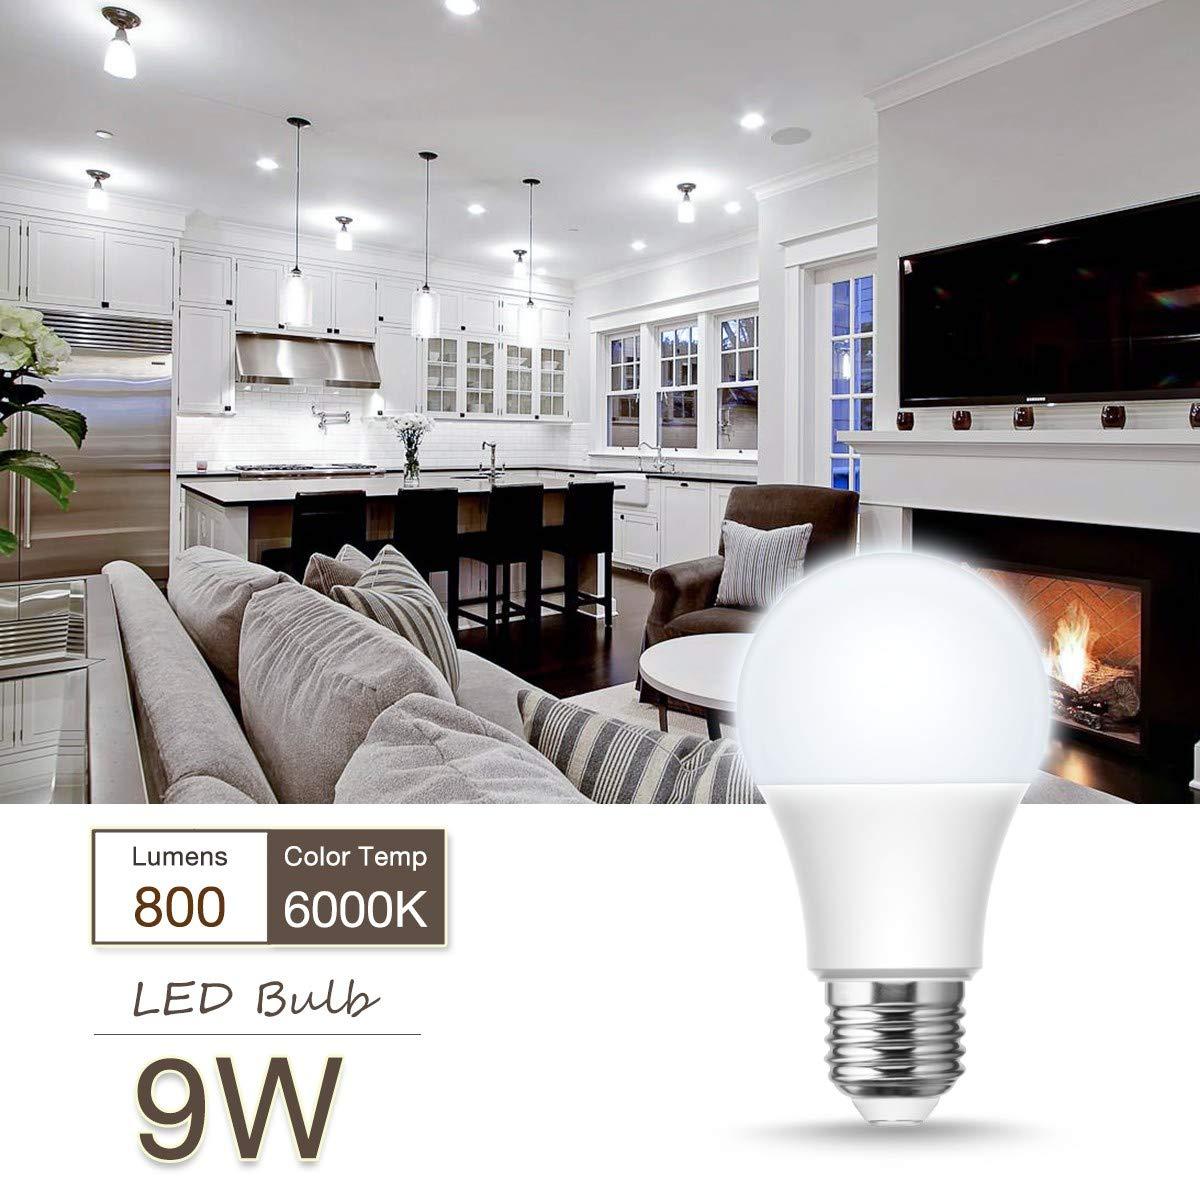 Non-Dimmable Standard LED Bulb for Home Office Bedroom Lighting E26 Medium Screw Base A19 LED Light Bulbs, LOHAS 60 Watt Equivalent LED Bulbs(9W LED 800LM 12Pcs Daylight White 6000K